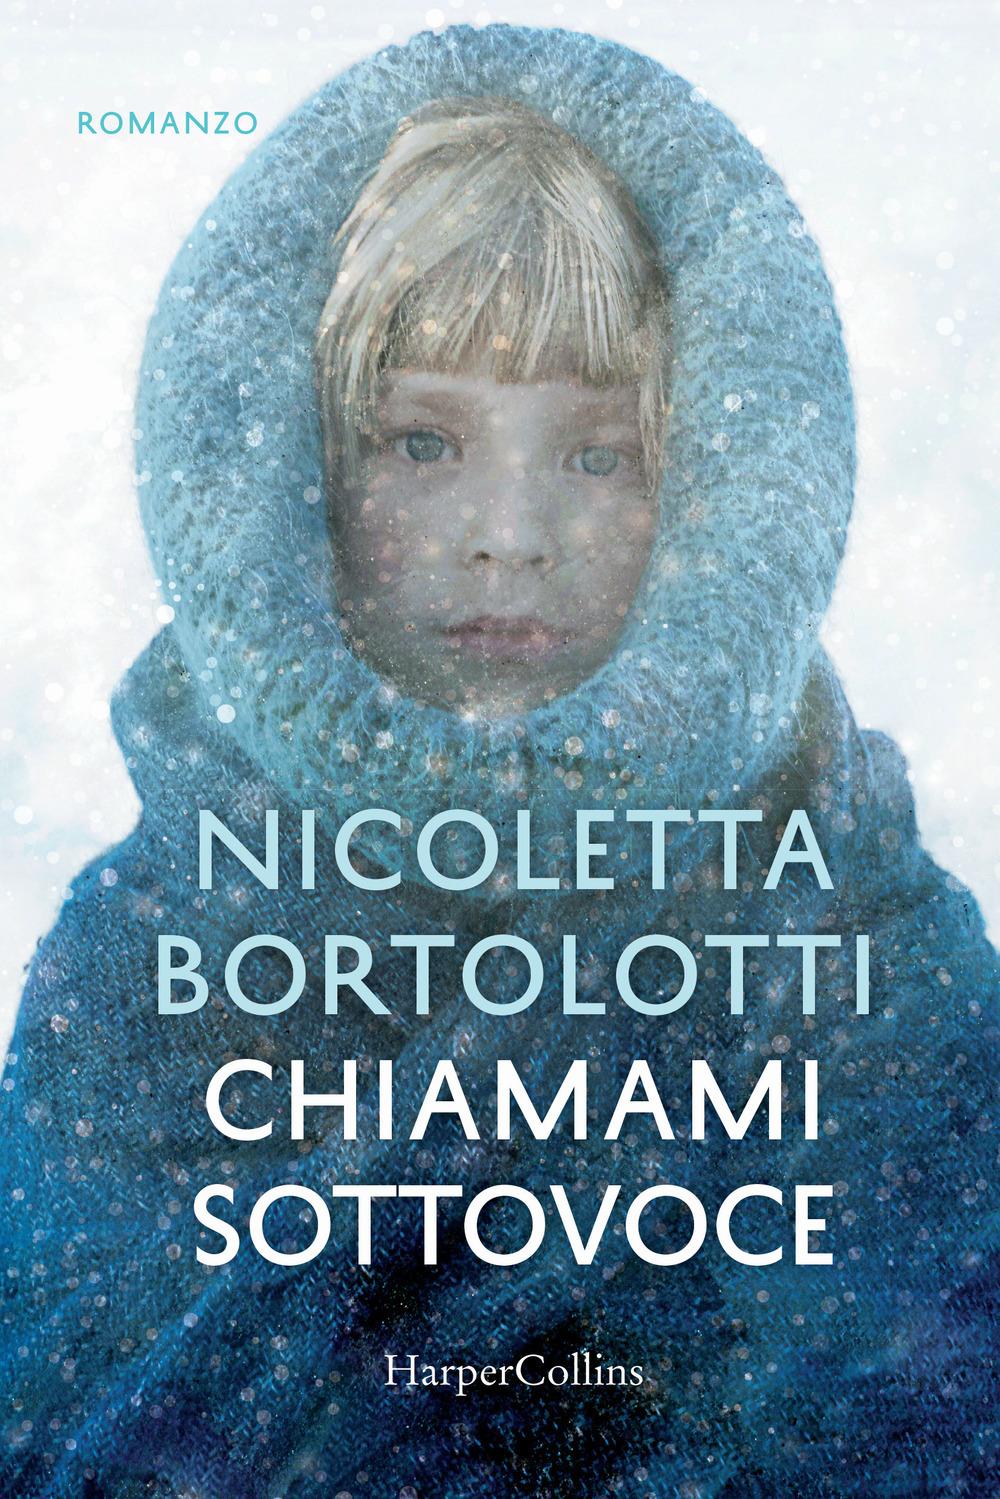 Nicoletta Bortolotti